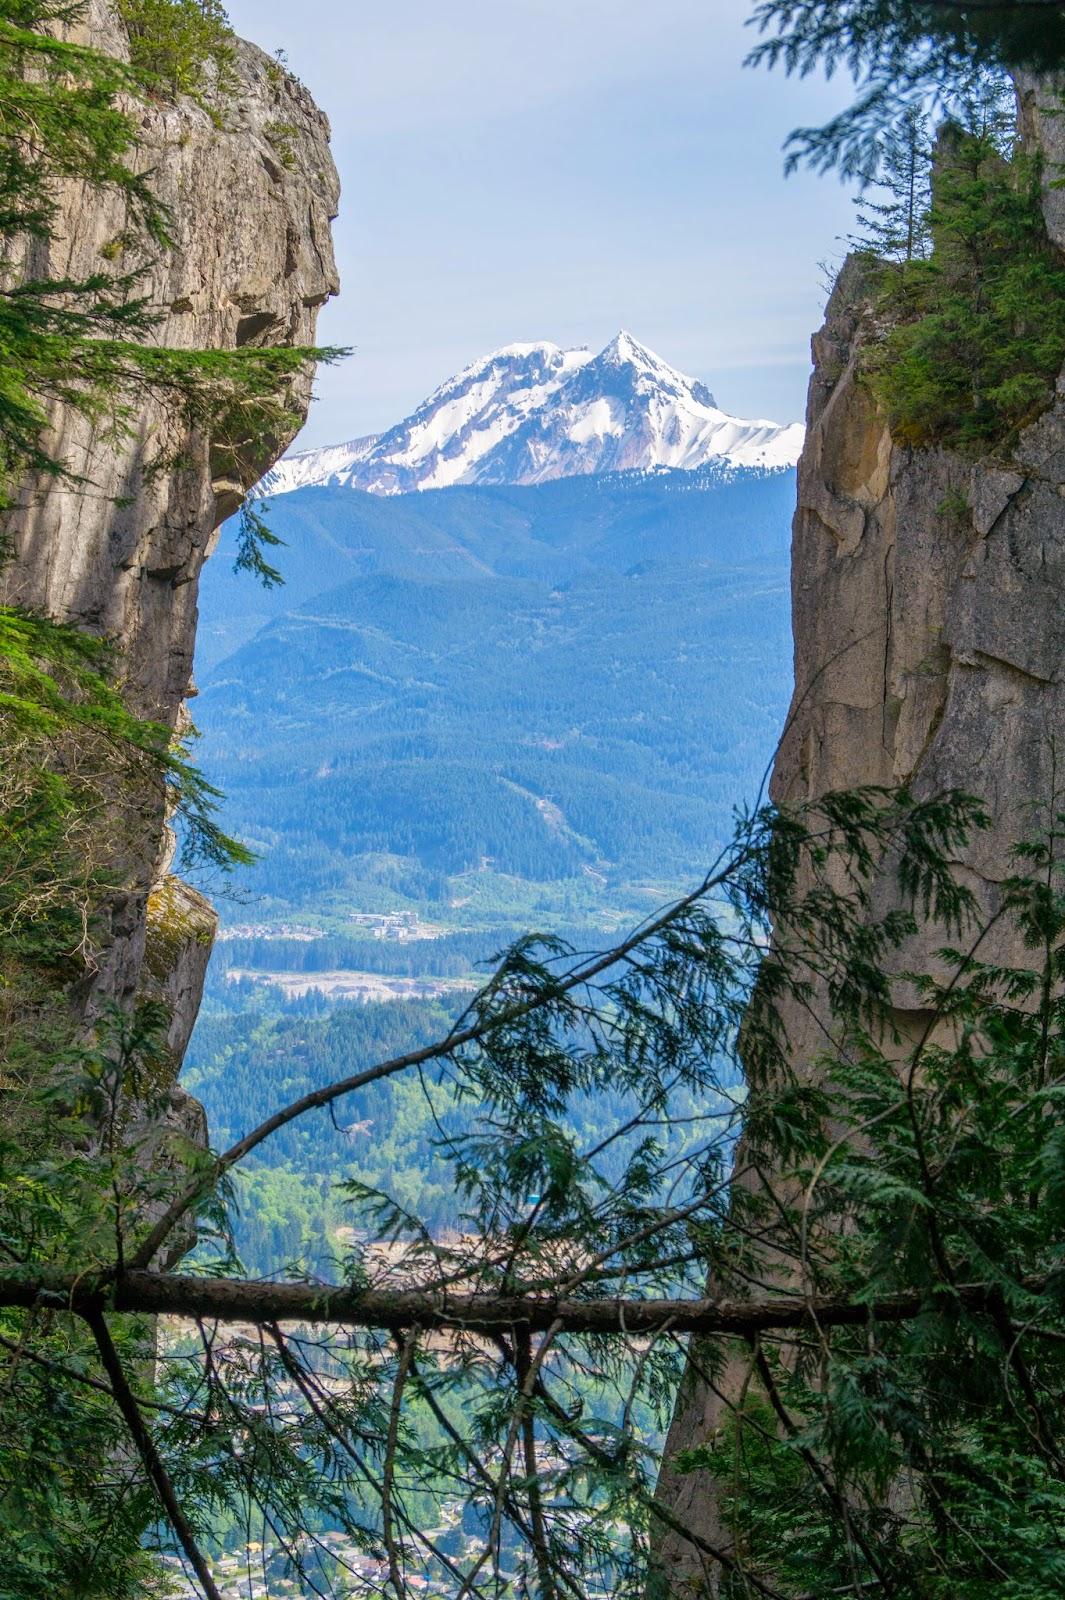 Ущелье между второй и третьей вершинами Stawamus Chief